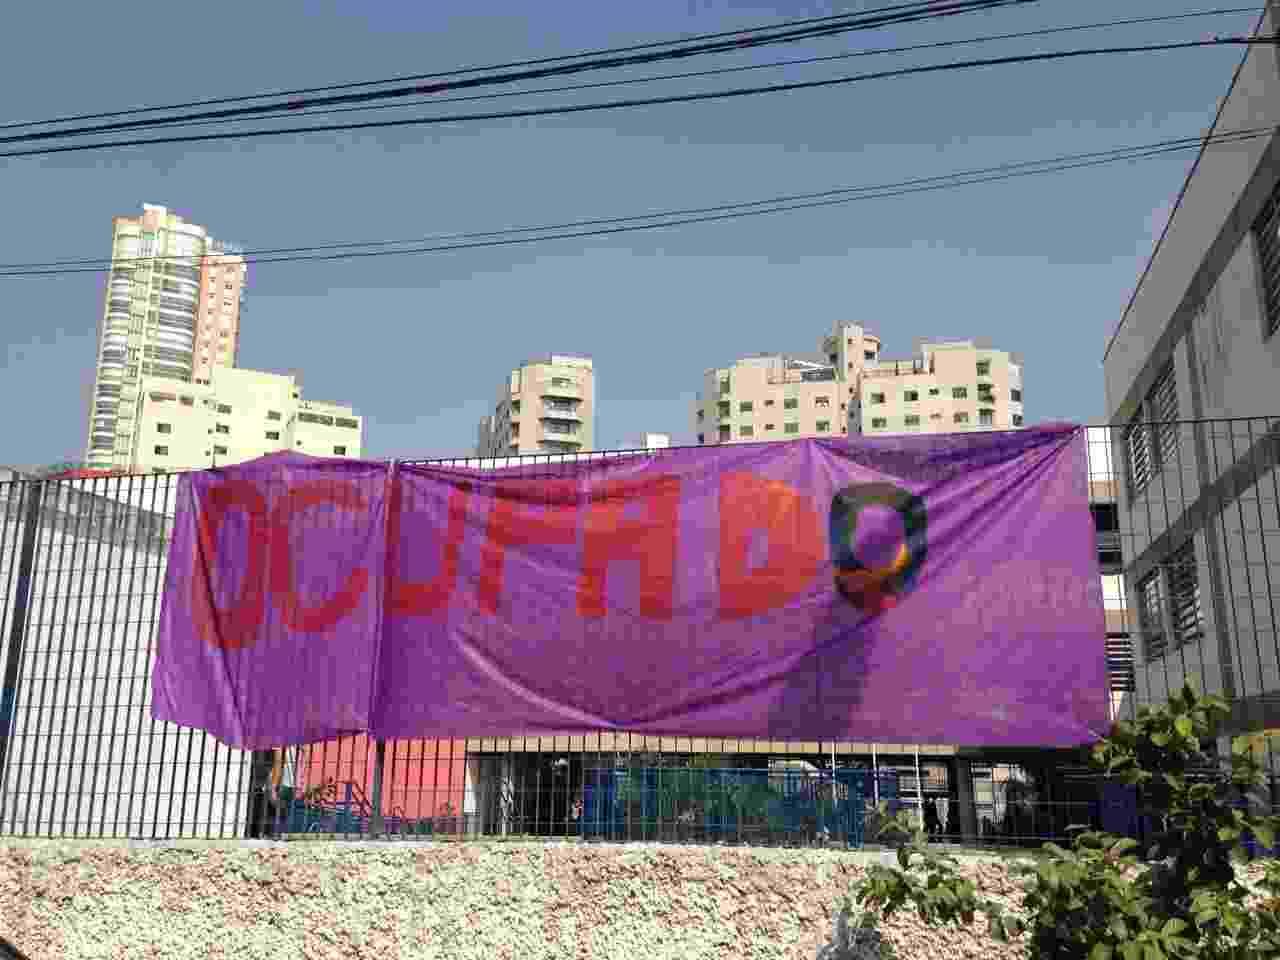 04.mai.2016 - Estudantes da Etec Mandaqui, localizada em Santana, decidiram ocupar o local por volta das 6h20. Eles protestam contra a falta de merenda nas Etecs (Escolas Técnicas Estaduais de São Paulo) e desvios de verbas na educação - Hugo Araújo/UOL